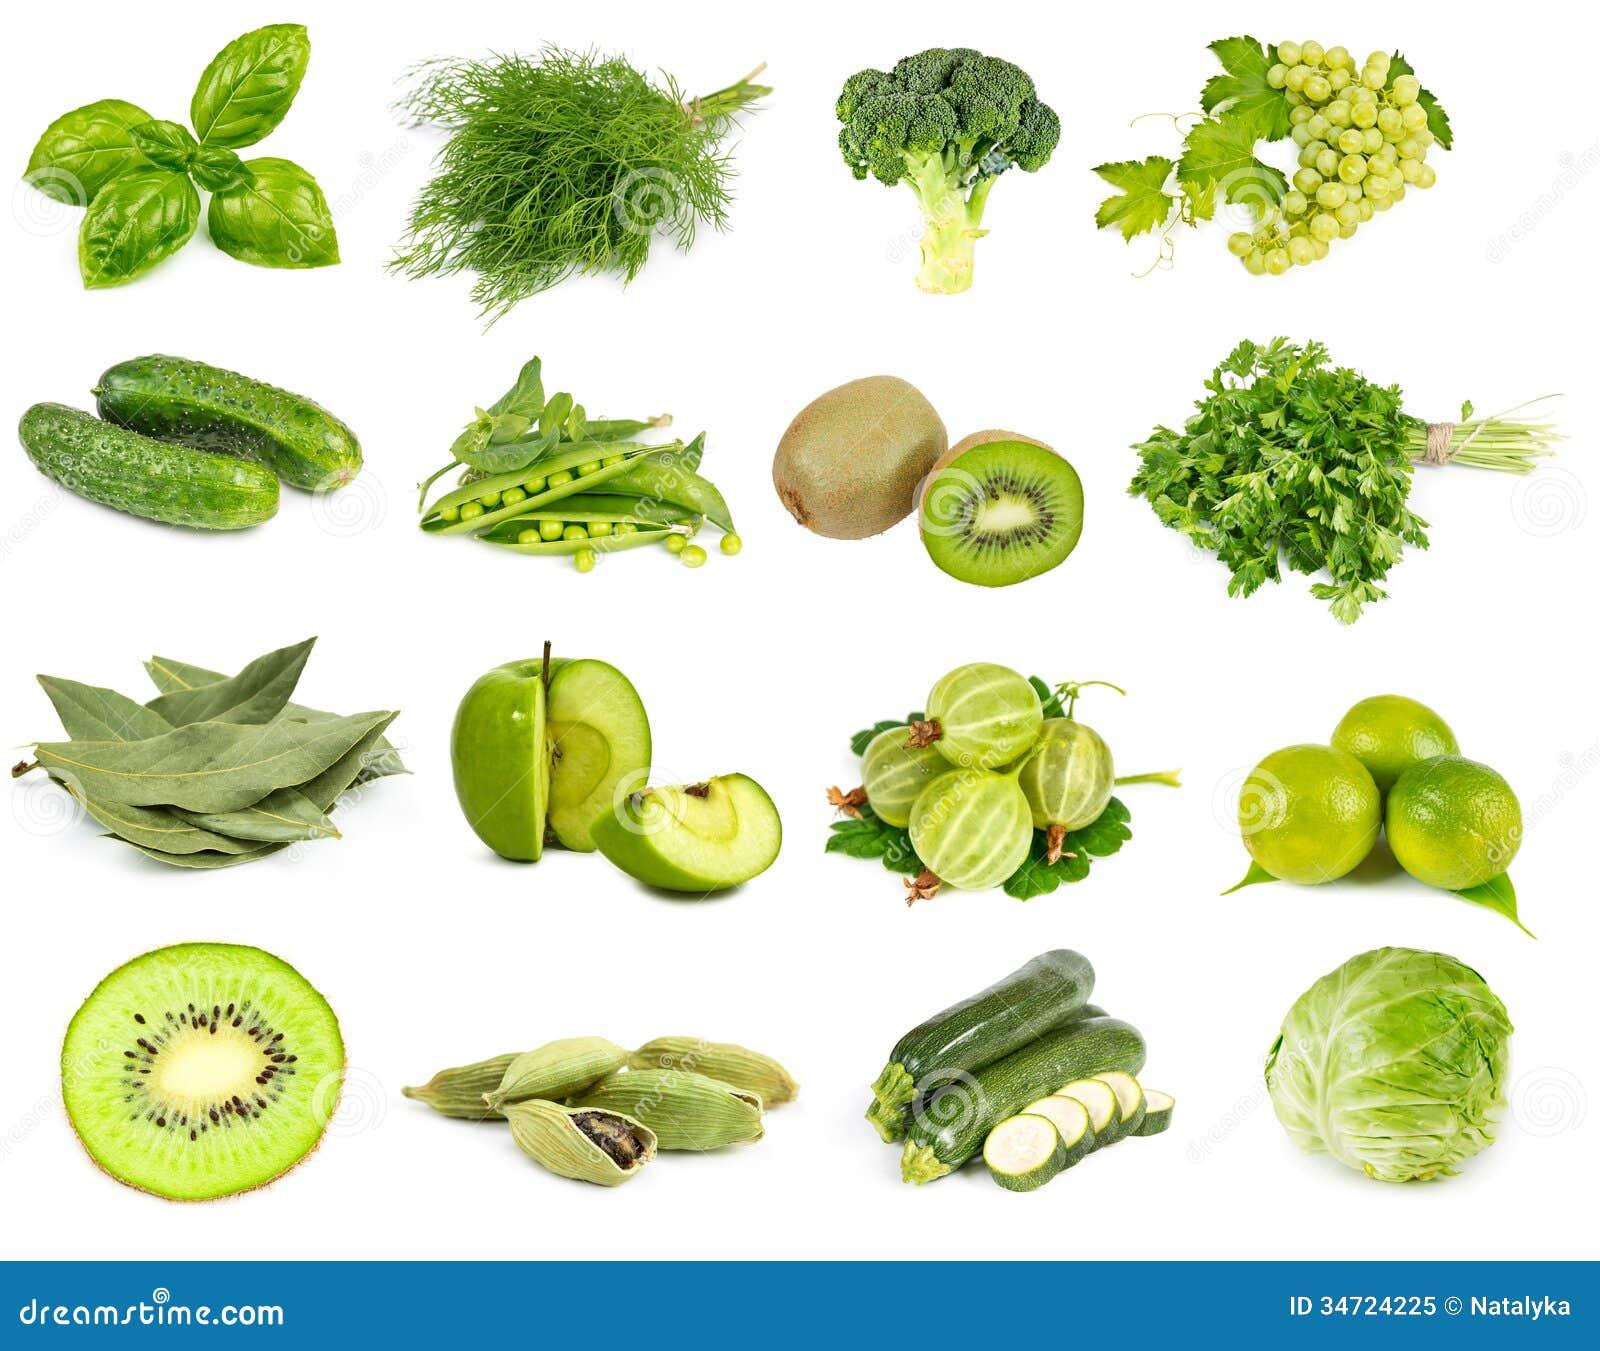 Grönsaker lista bilder